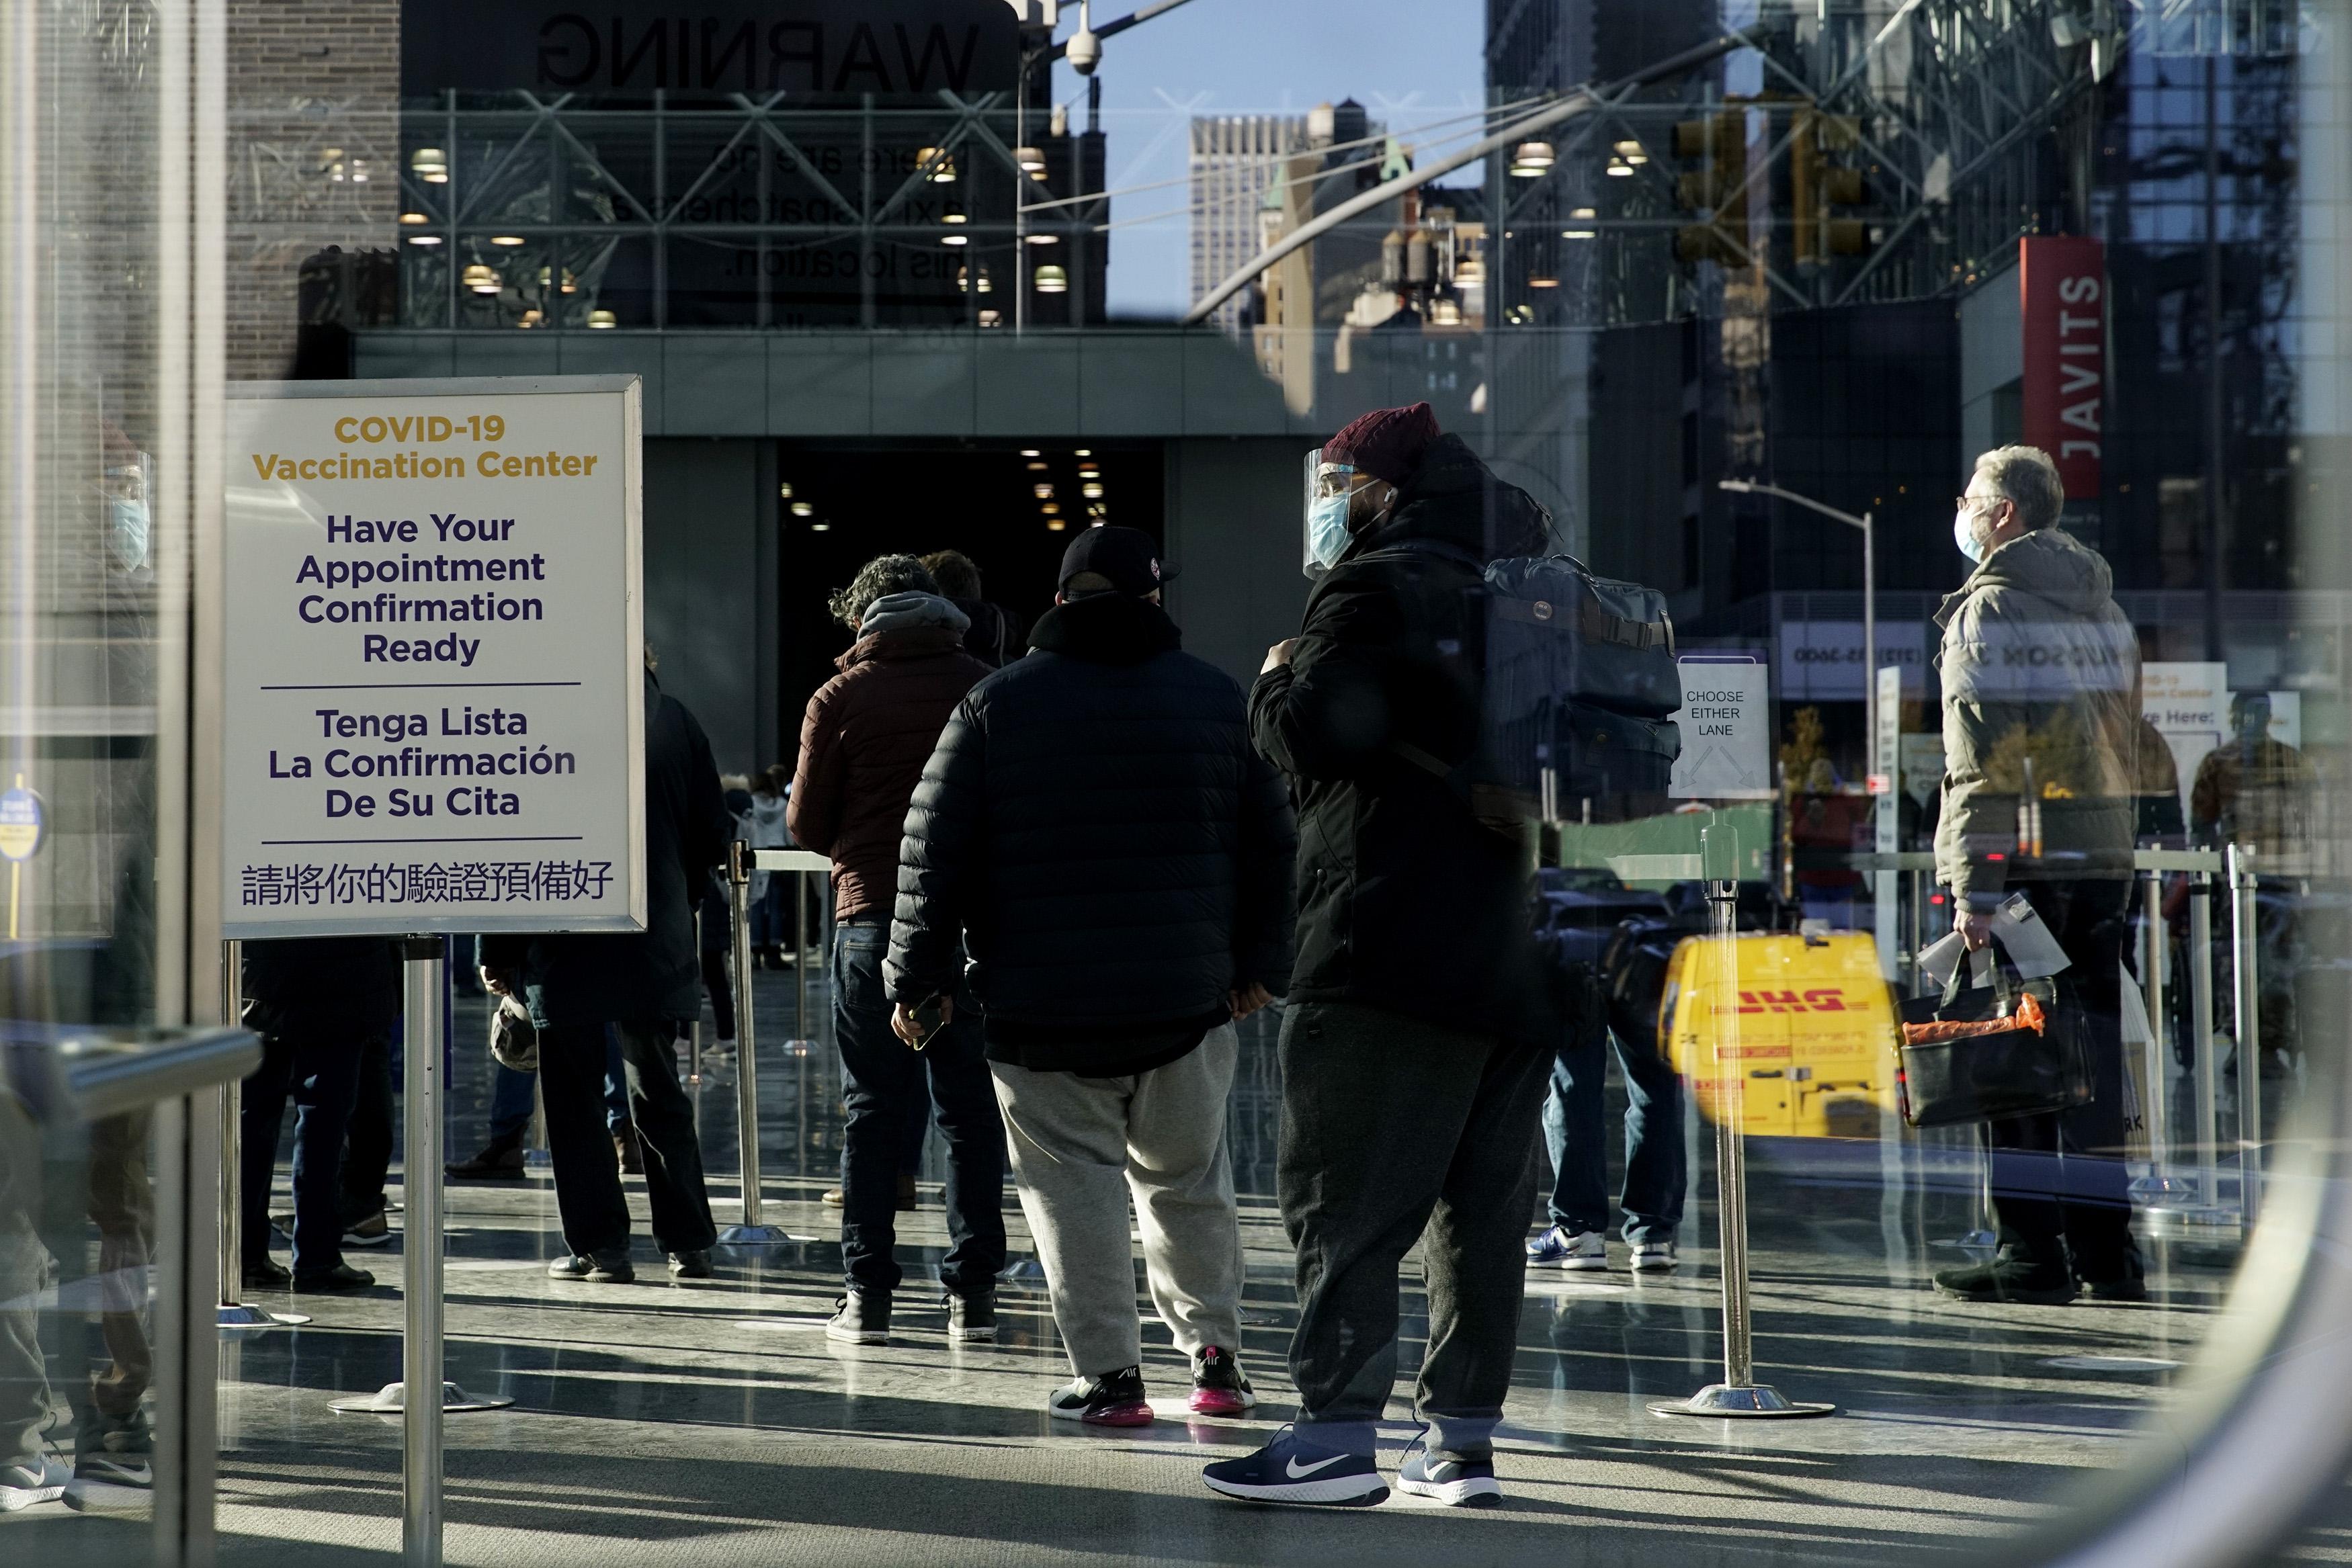 NYC reabrirá sus escuelas secundarias el 22 de marzo